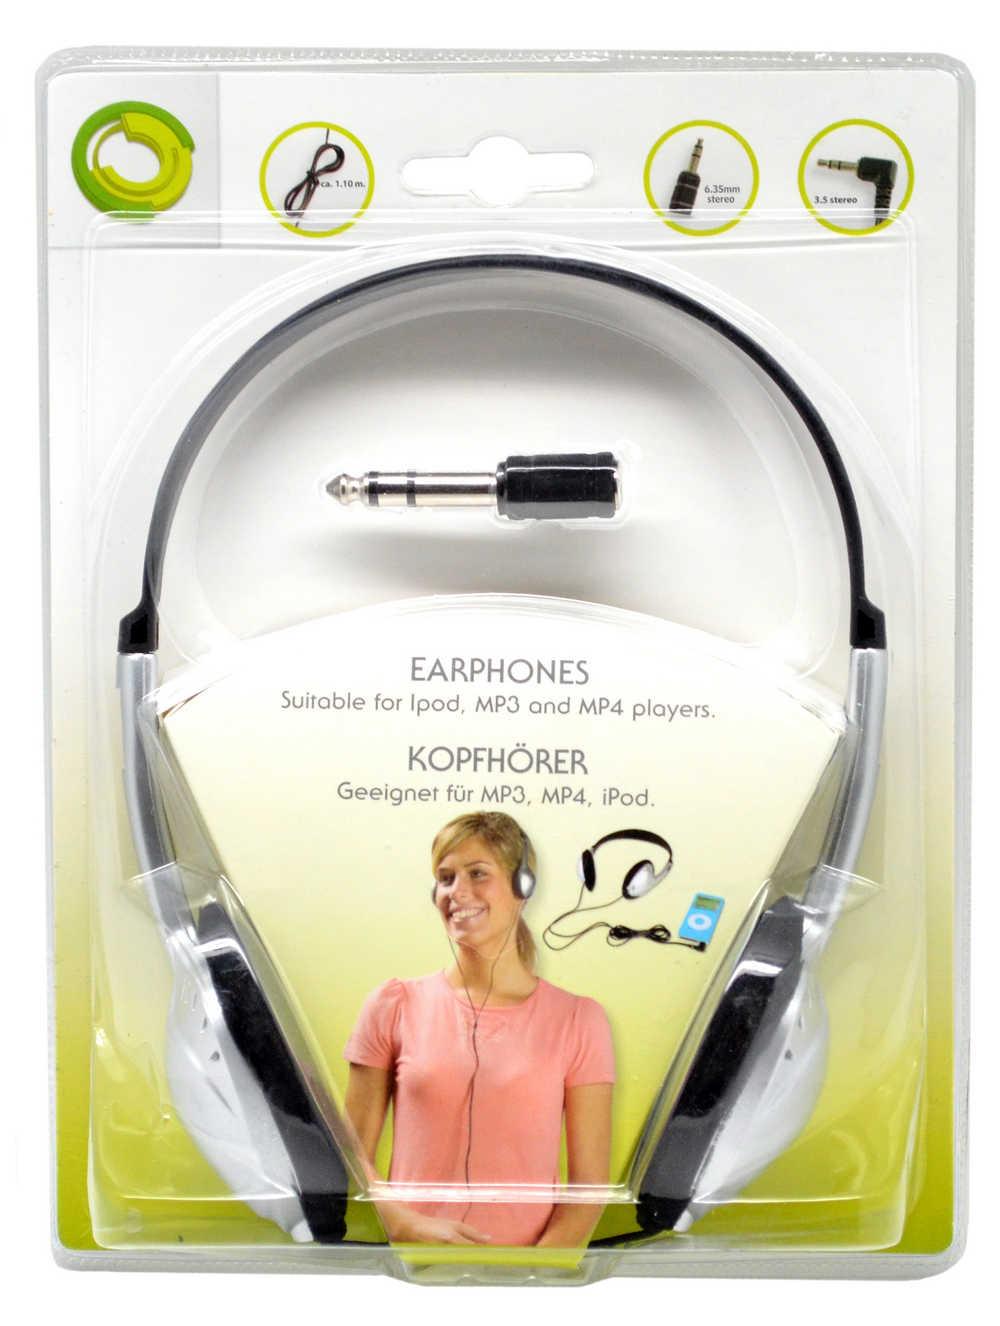 Ακουστικά Stereo Lifetime 3,5mm Μαύρο - Ασημί με Αντάπτορα Βίσματος 6,35mm